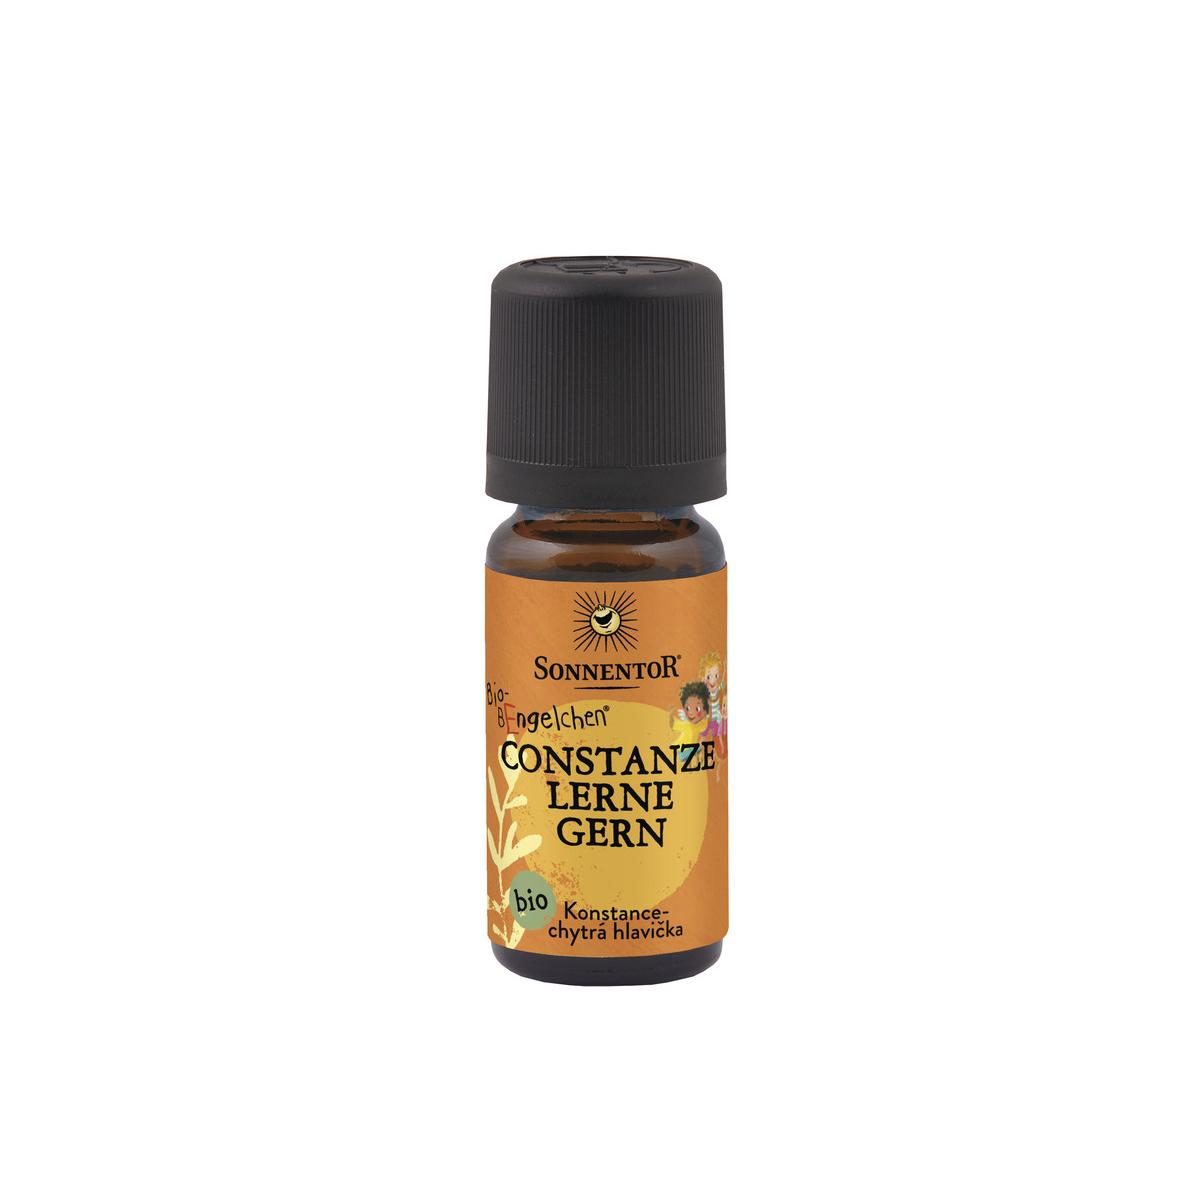 Constanze lerne gern Bio Bengelchen ätherisches Öl